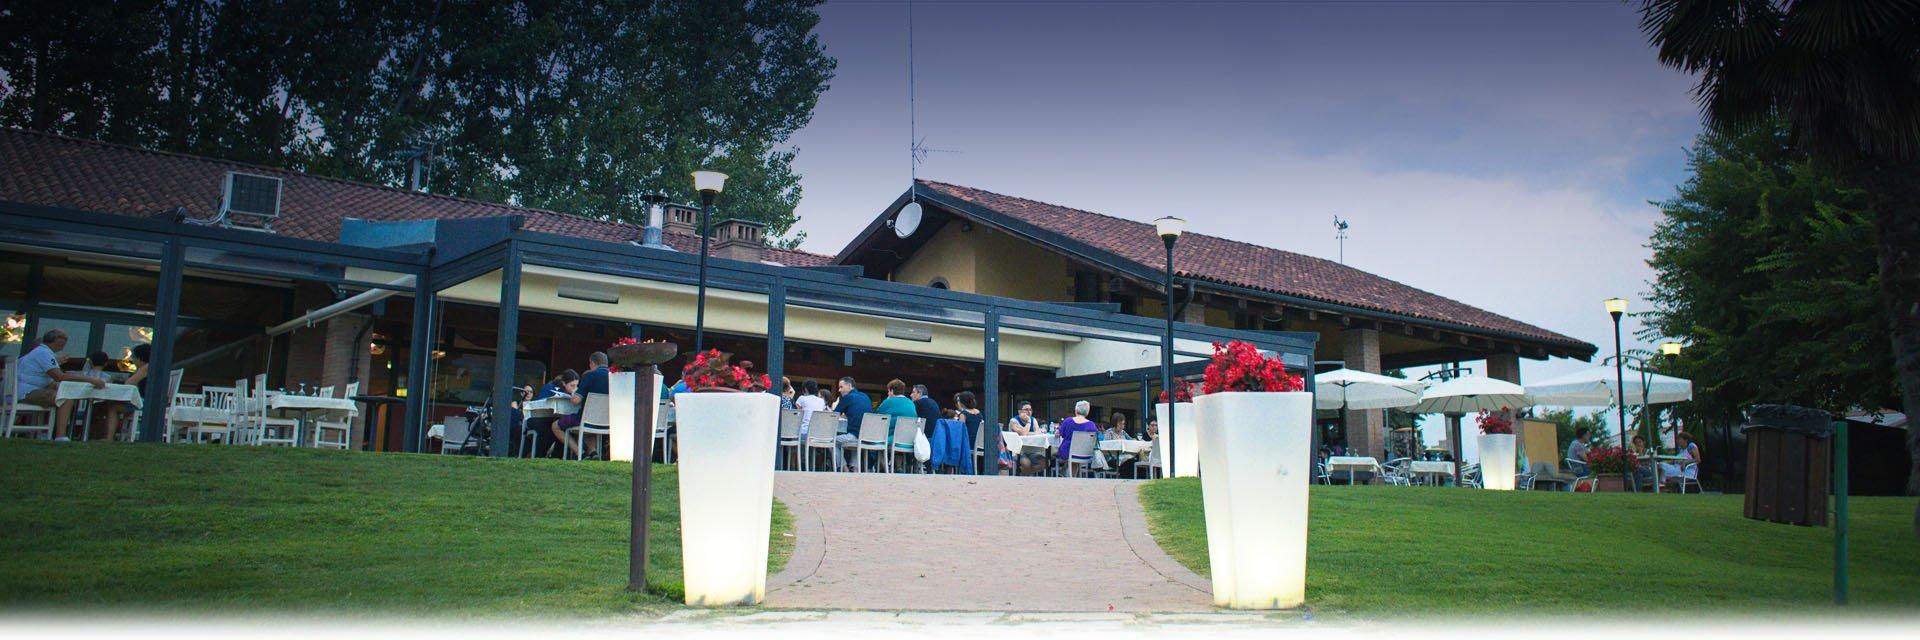 lago la sirenetta ristorante